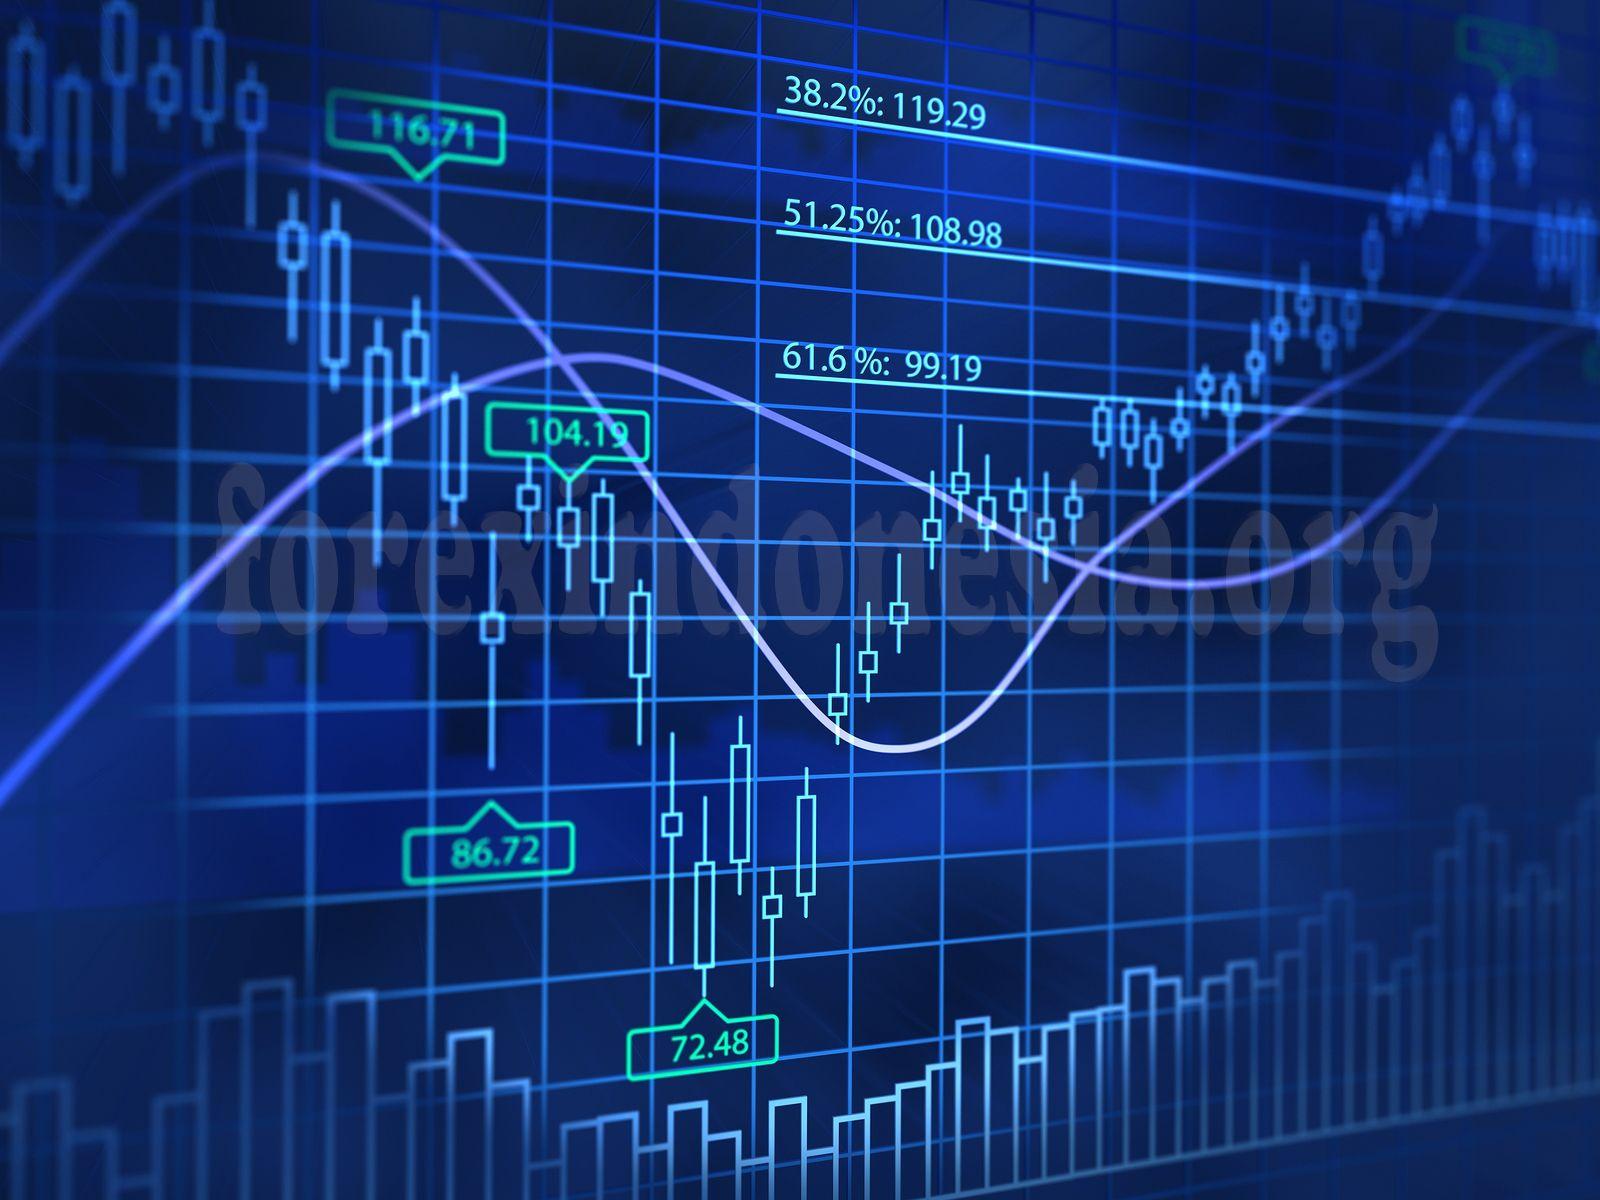 Belajar teknik trading forex spinn holding invest ab